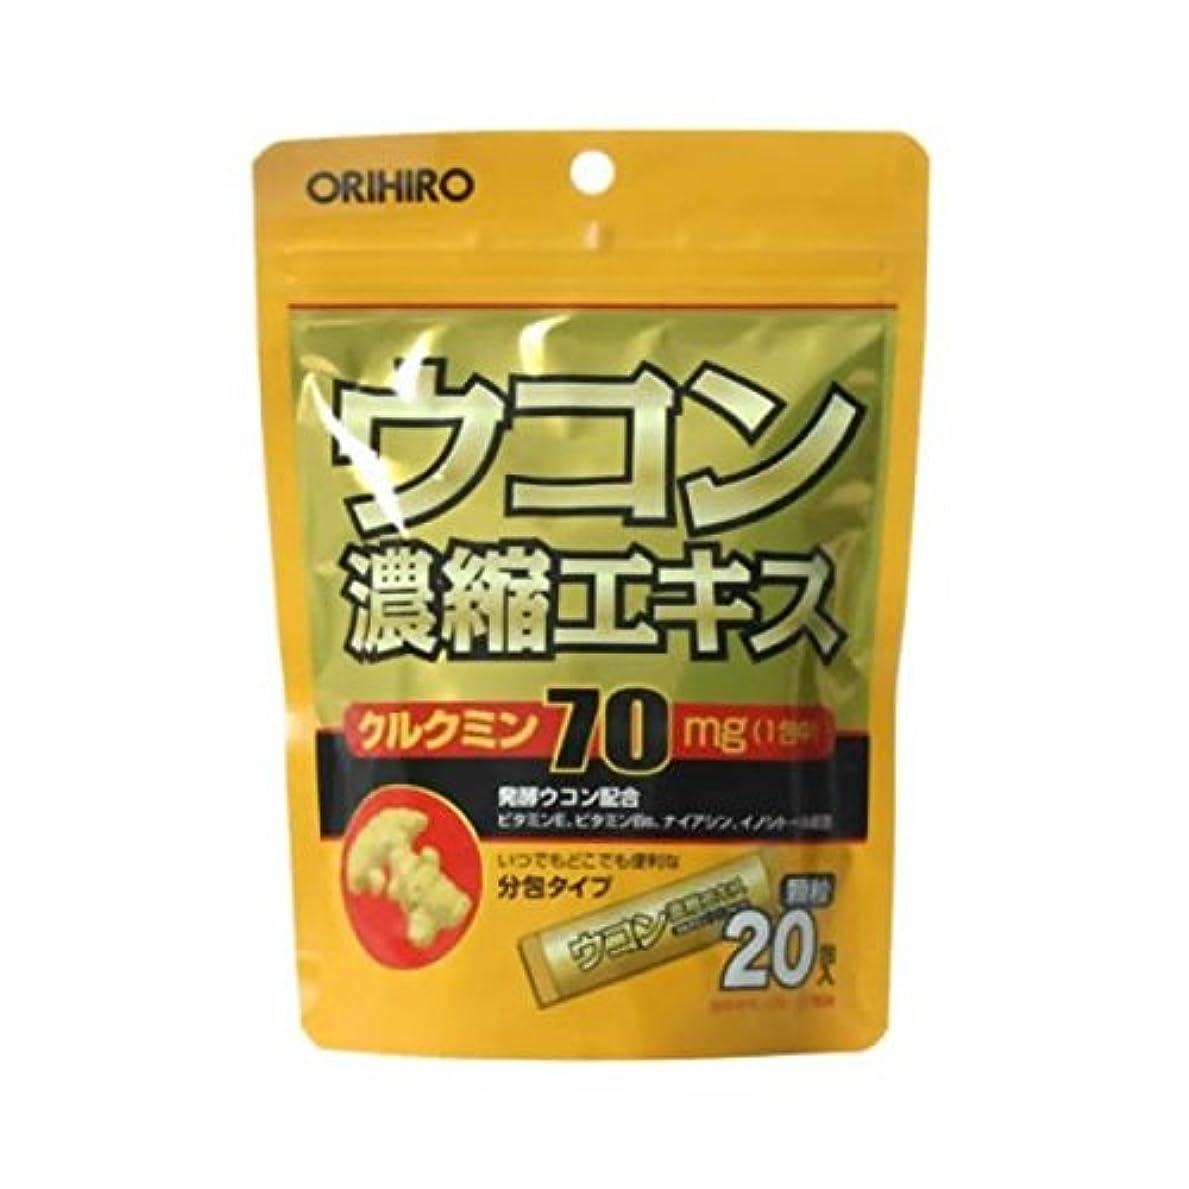 いいね内なる虫を数えるウコン濃縮エキス 顆粒20包入【3袋セット】オリヒロ